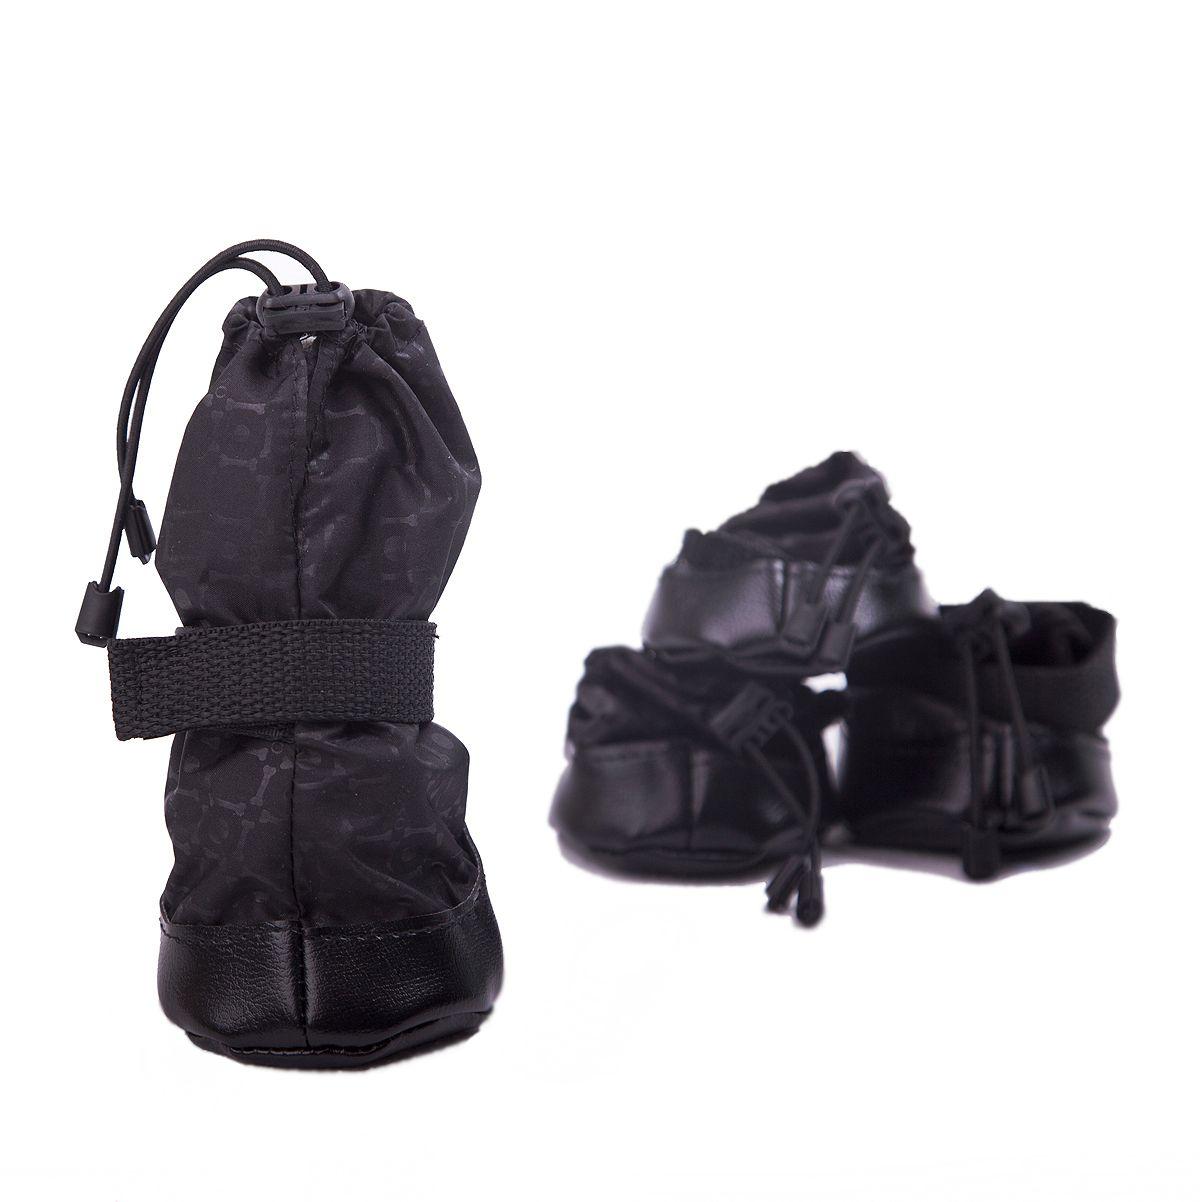 Ботинки для собак  OSSO Fashion , короткие, унисекс, цвет: черный. Размер 5 - Одежда, обувь, украшения